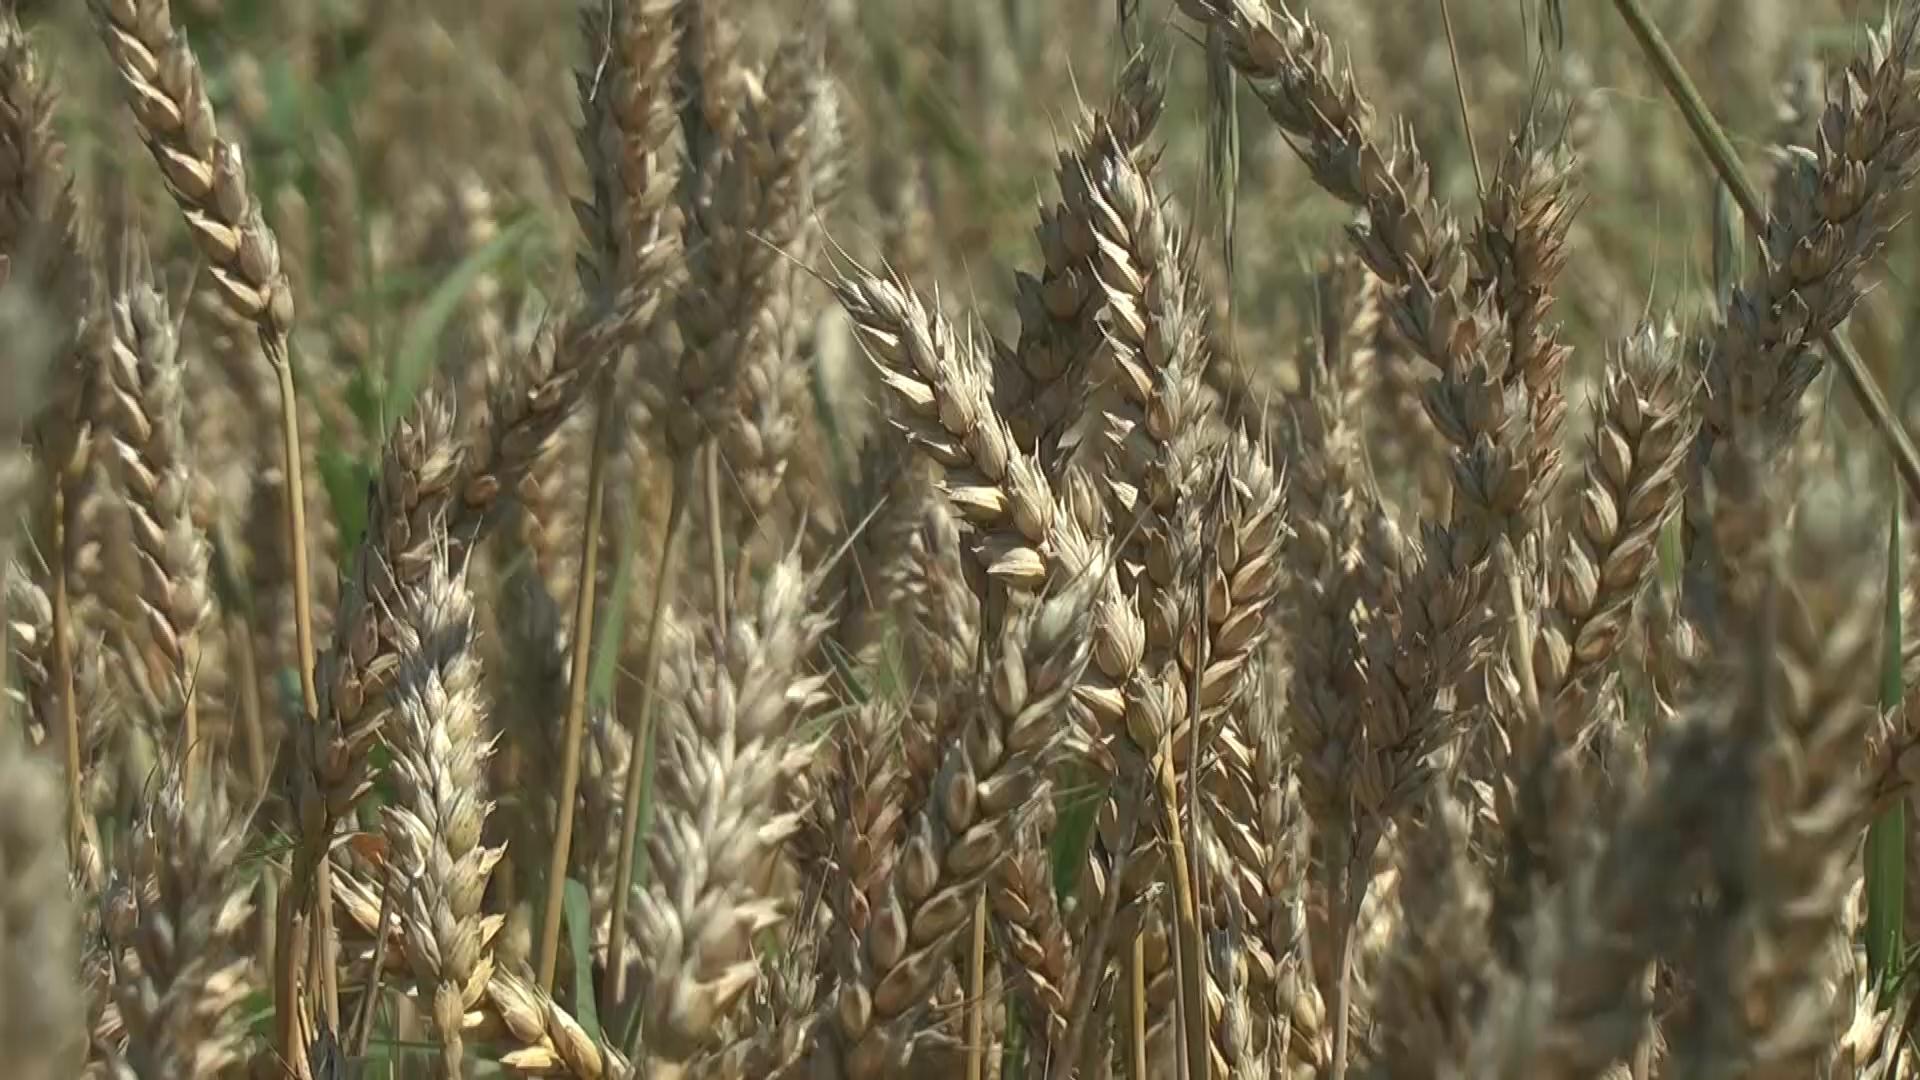 Dani polja strnih žita, pšenice, tritikala i ječma na oglednoj parceli Radivoja Jeremića u Djunisu